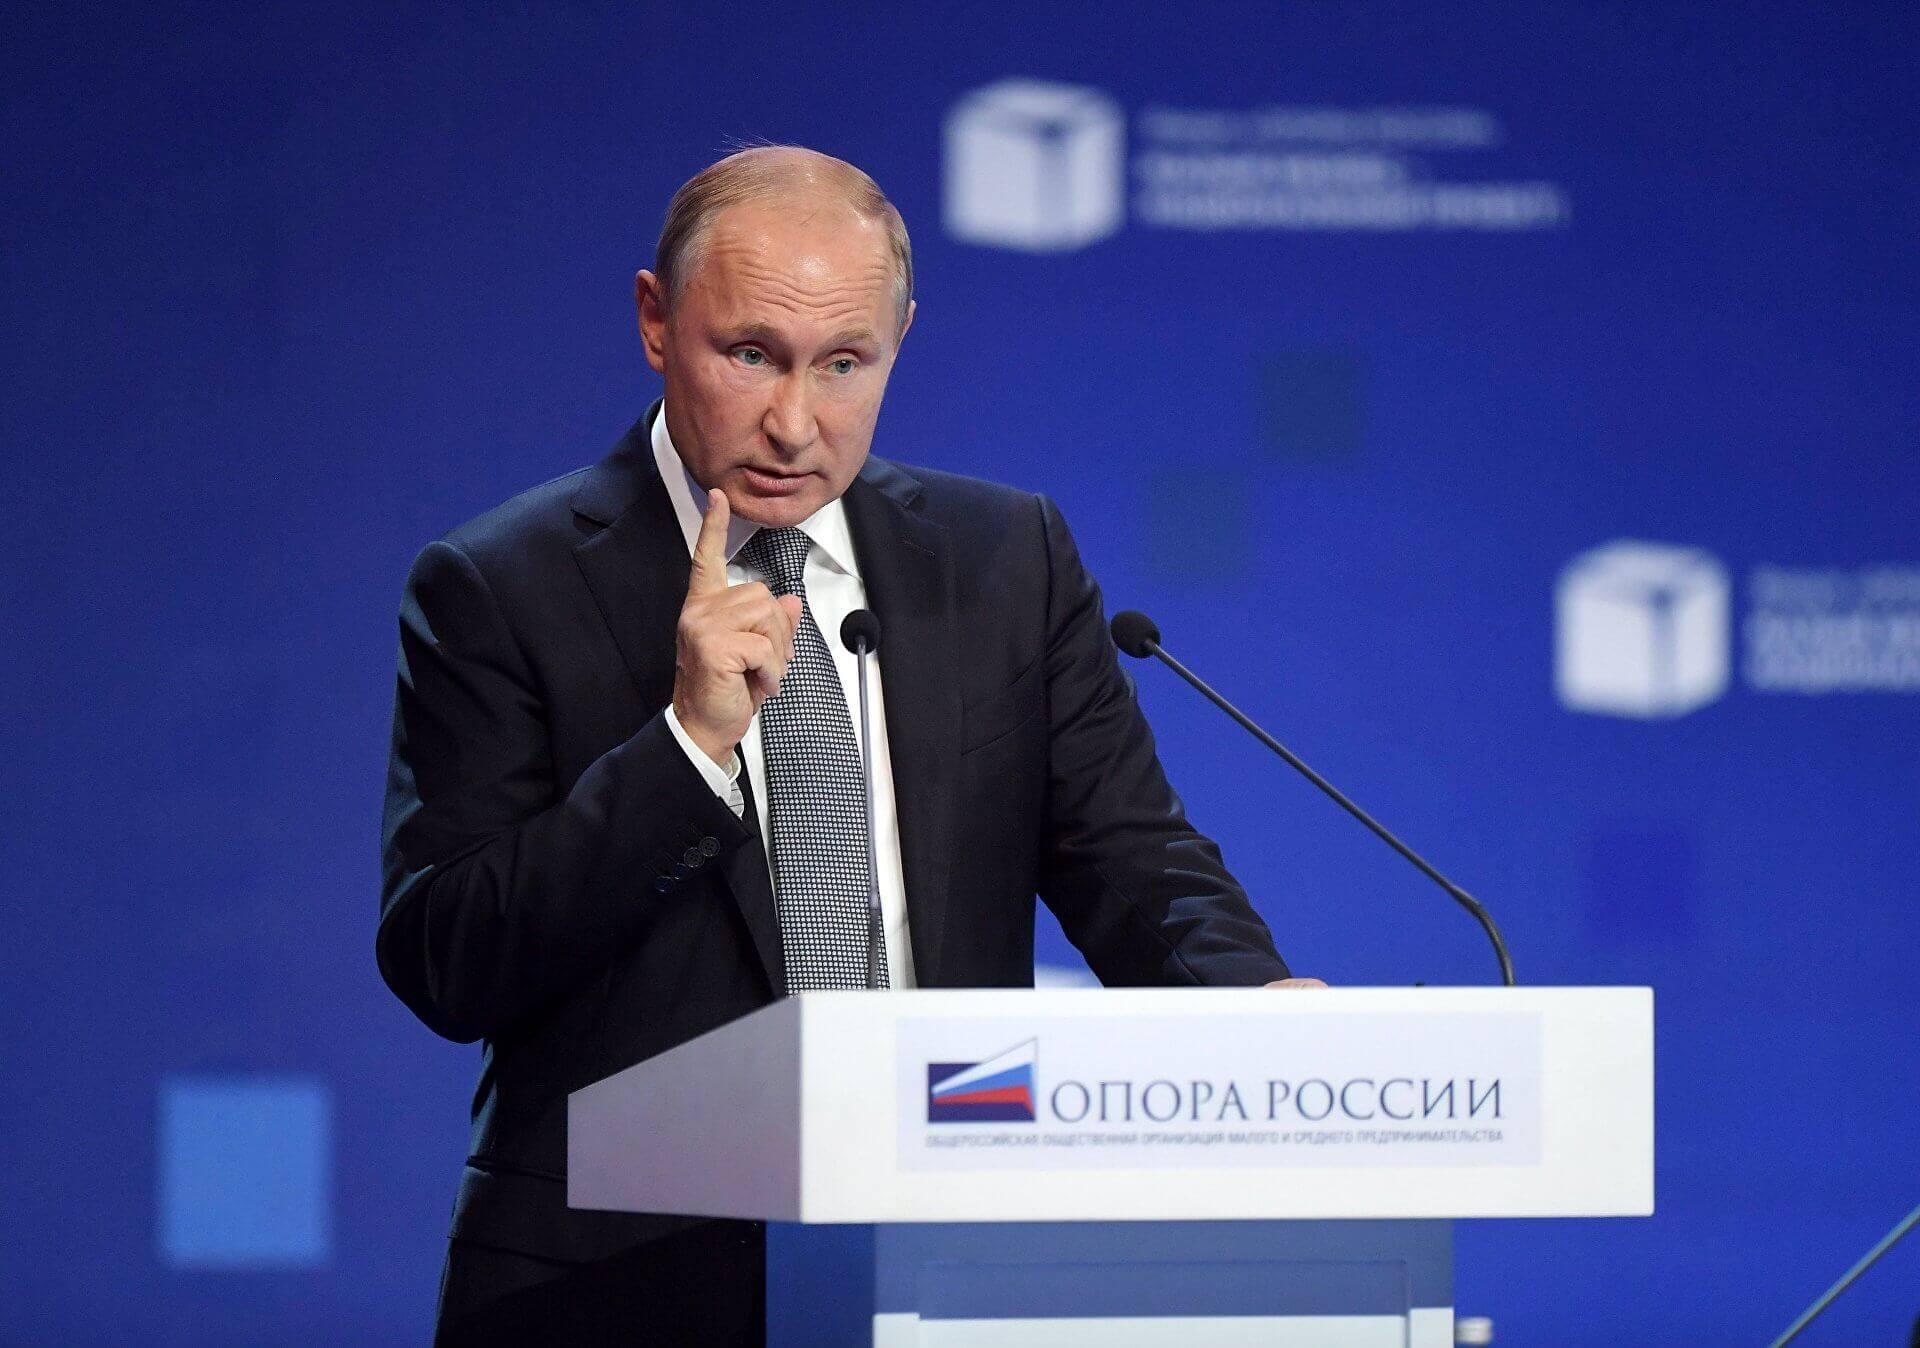 Пять мифов о том, что в России невозможно вести бизнес